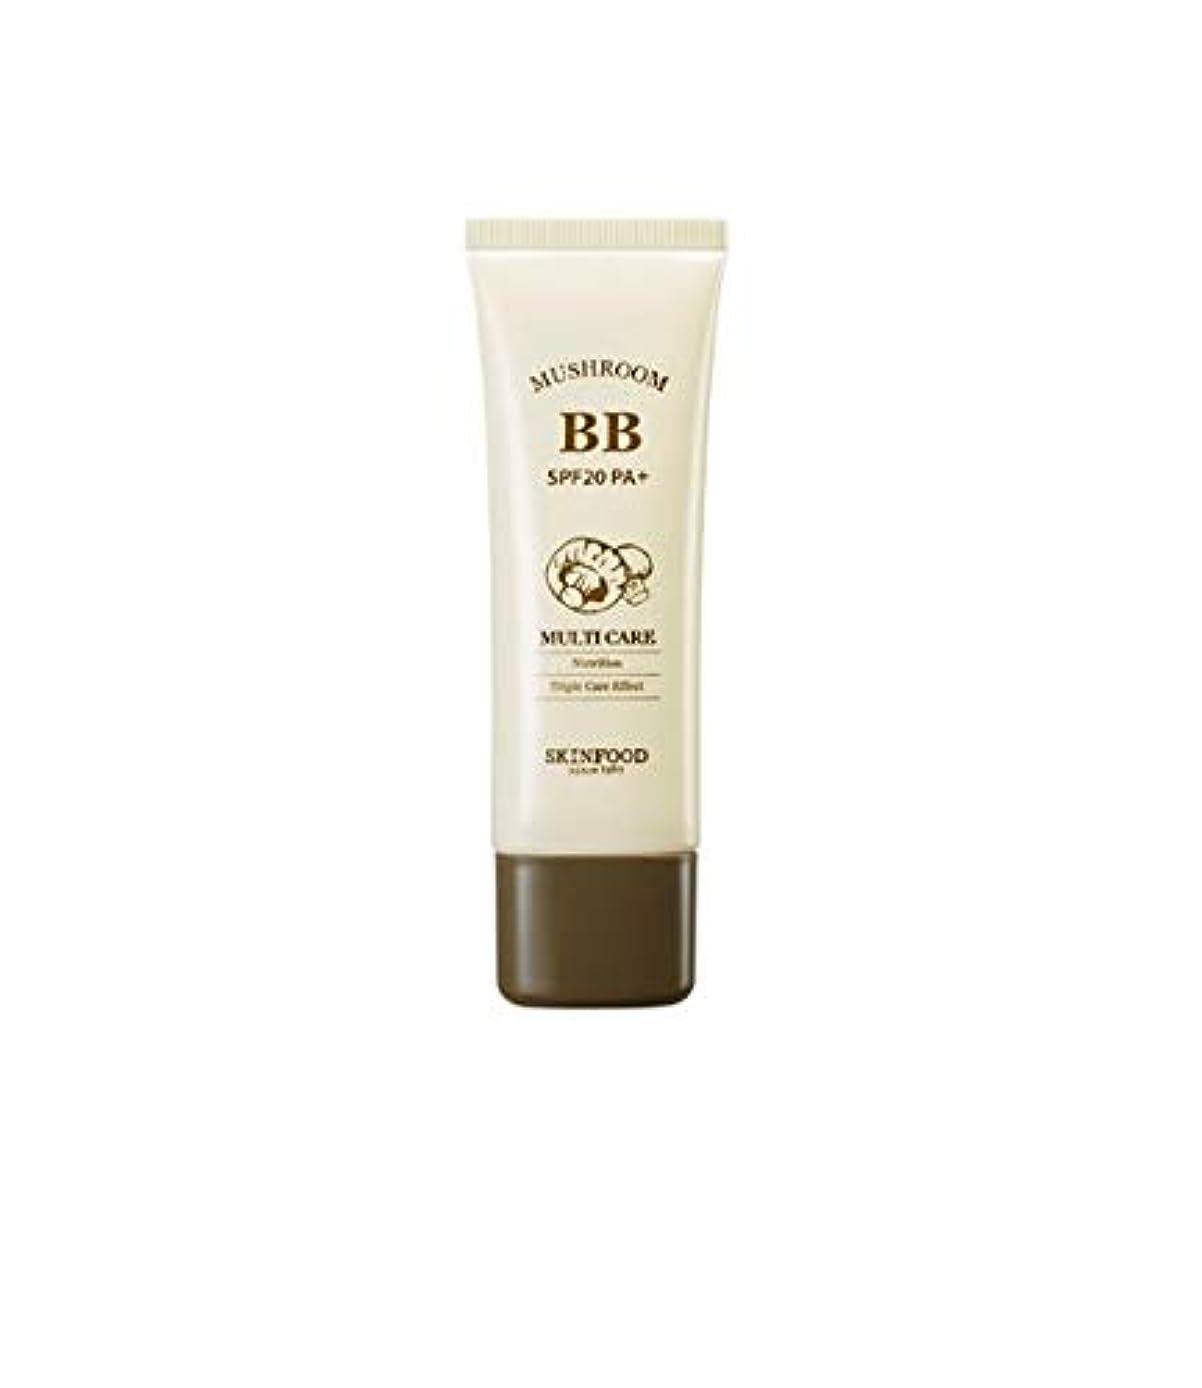 今までオーバーヘッドフェローシップSkinfood マッシュルームマルチケアBBクリームSPF20 PA +#No. 1ブライトスキン / Mushroom Multi Care BB Cream SPF20 PA+# No. 1 Bright Skin...